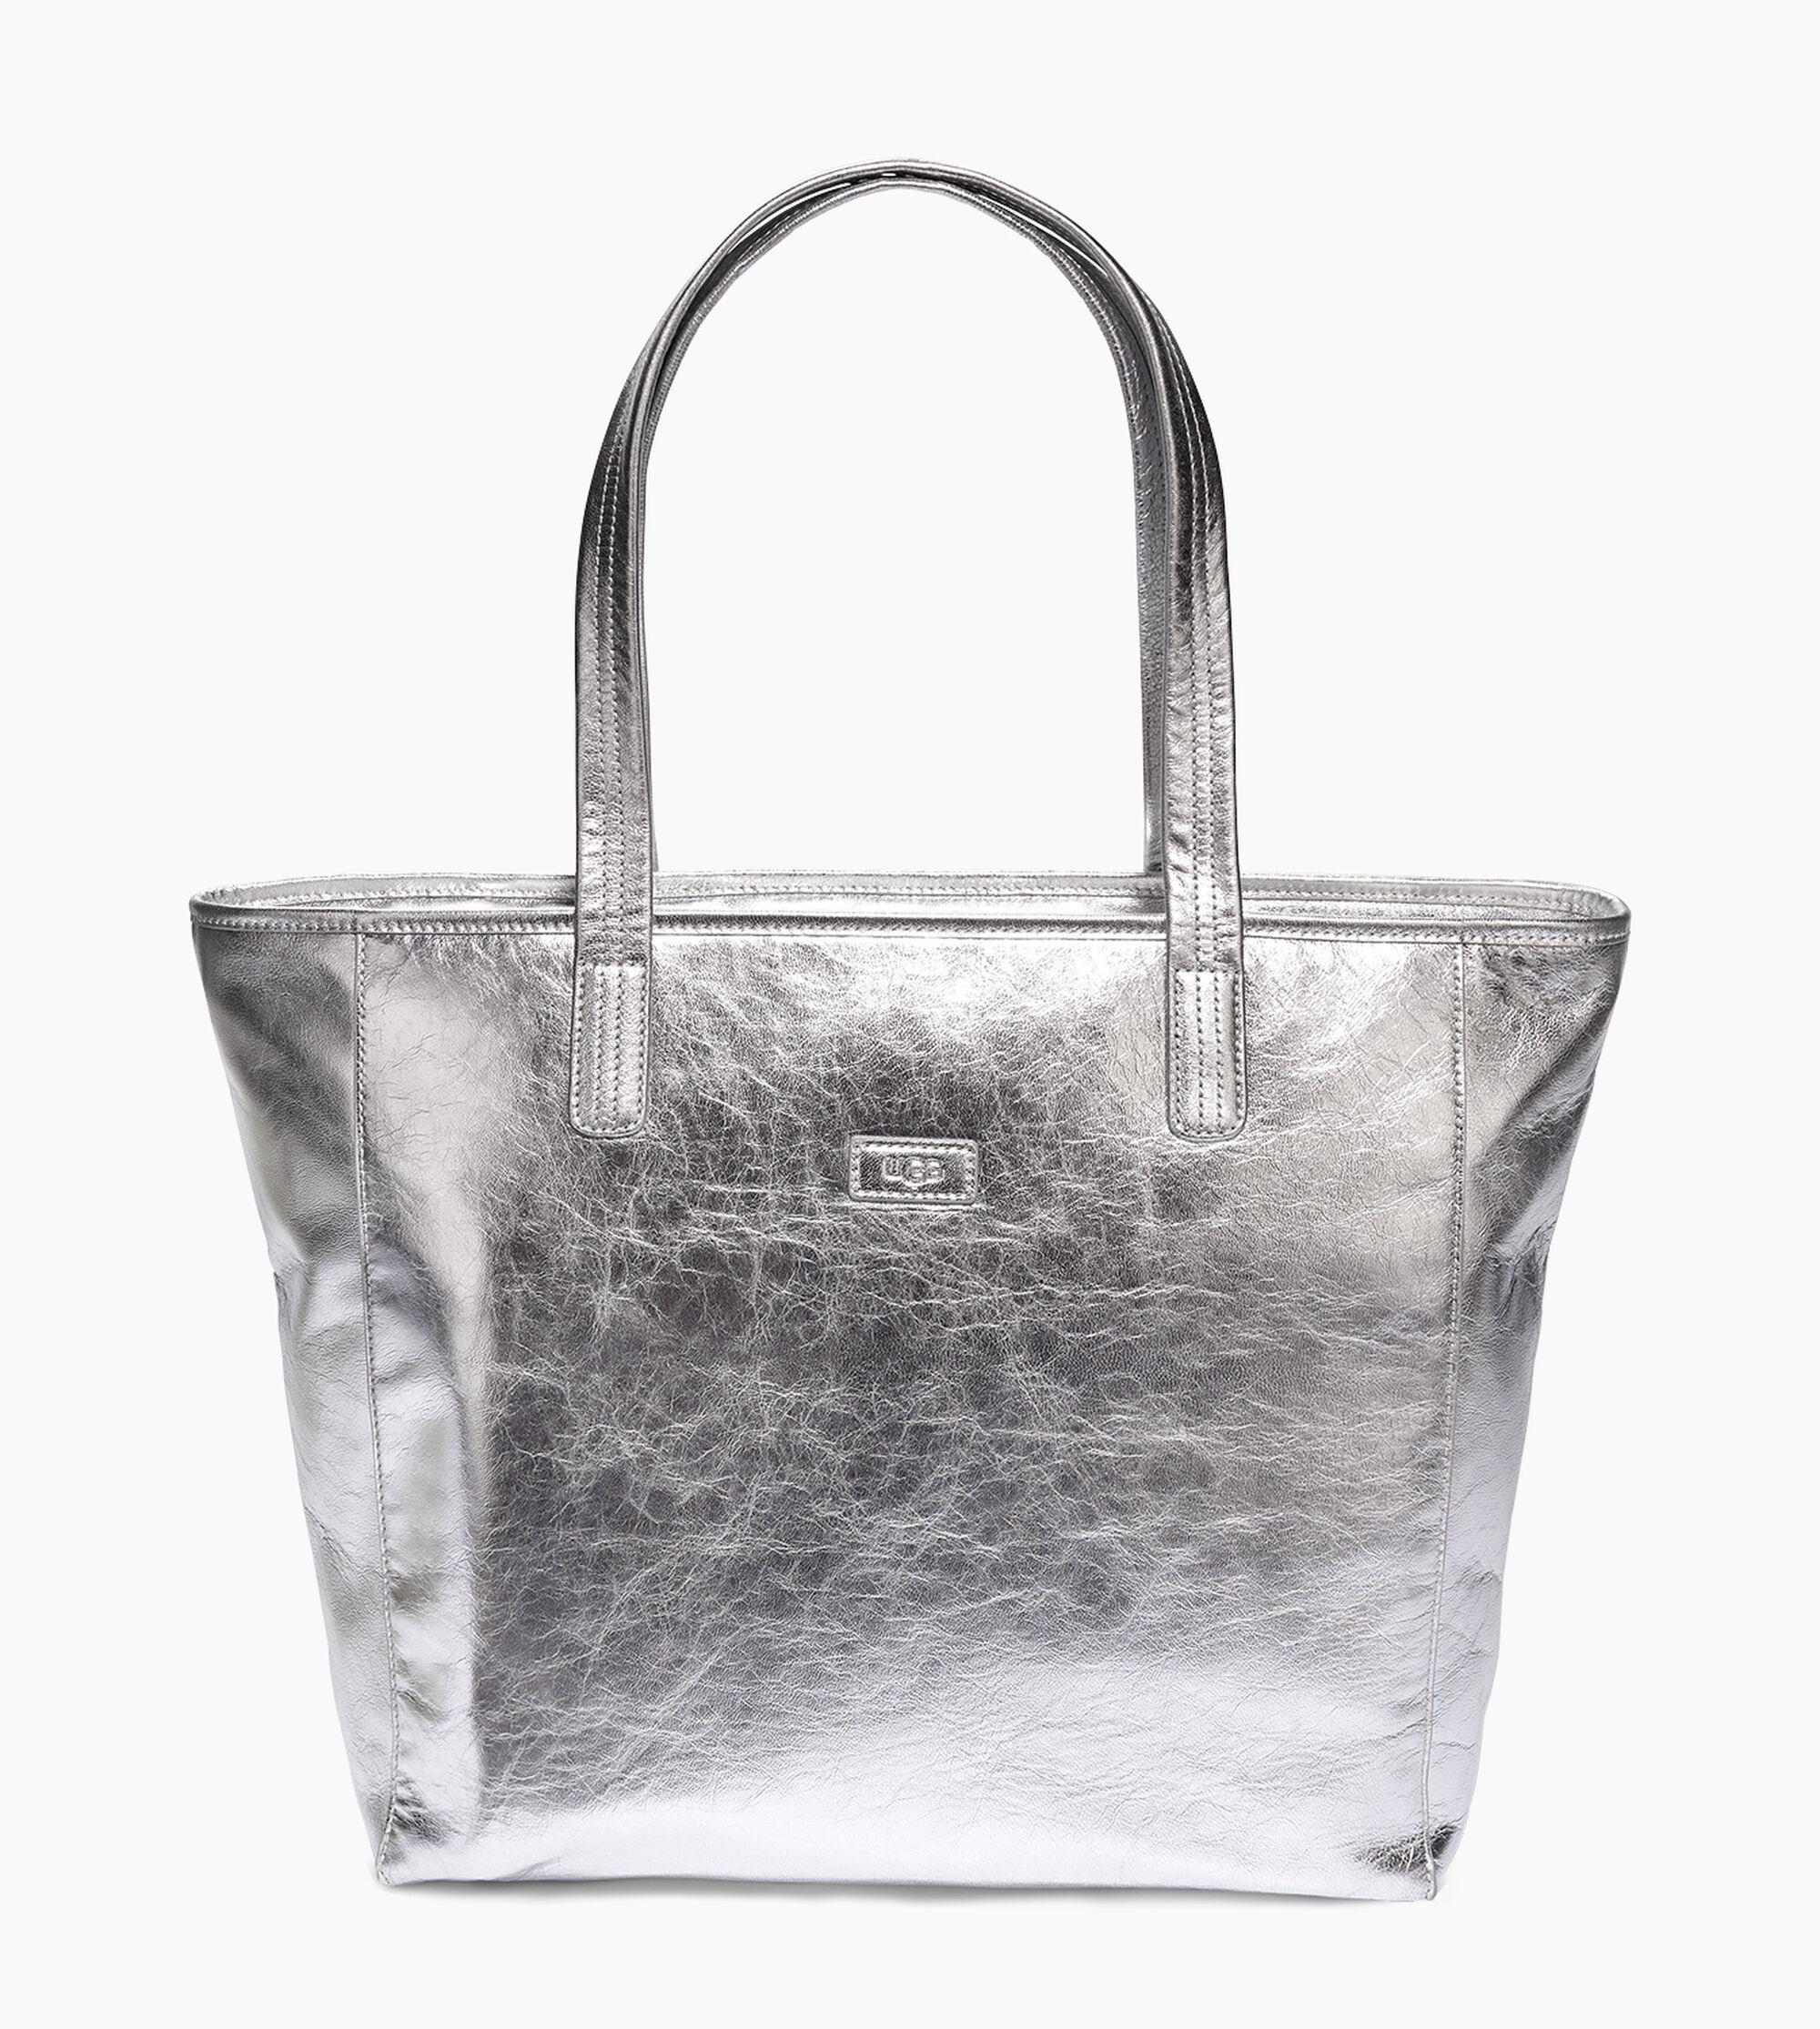 a293ad5a0f5 UGG Women's Alina Metallic Tote Bag in Metallic - Lyst